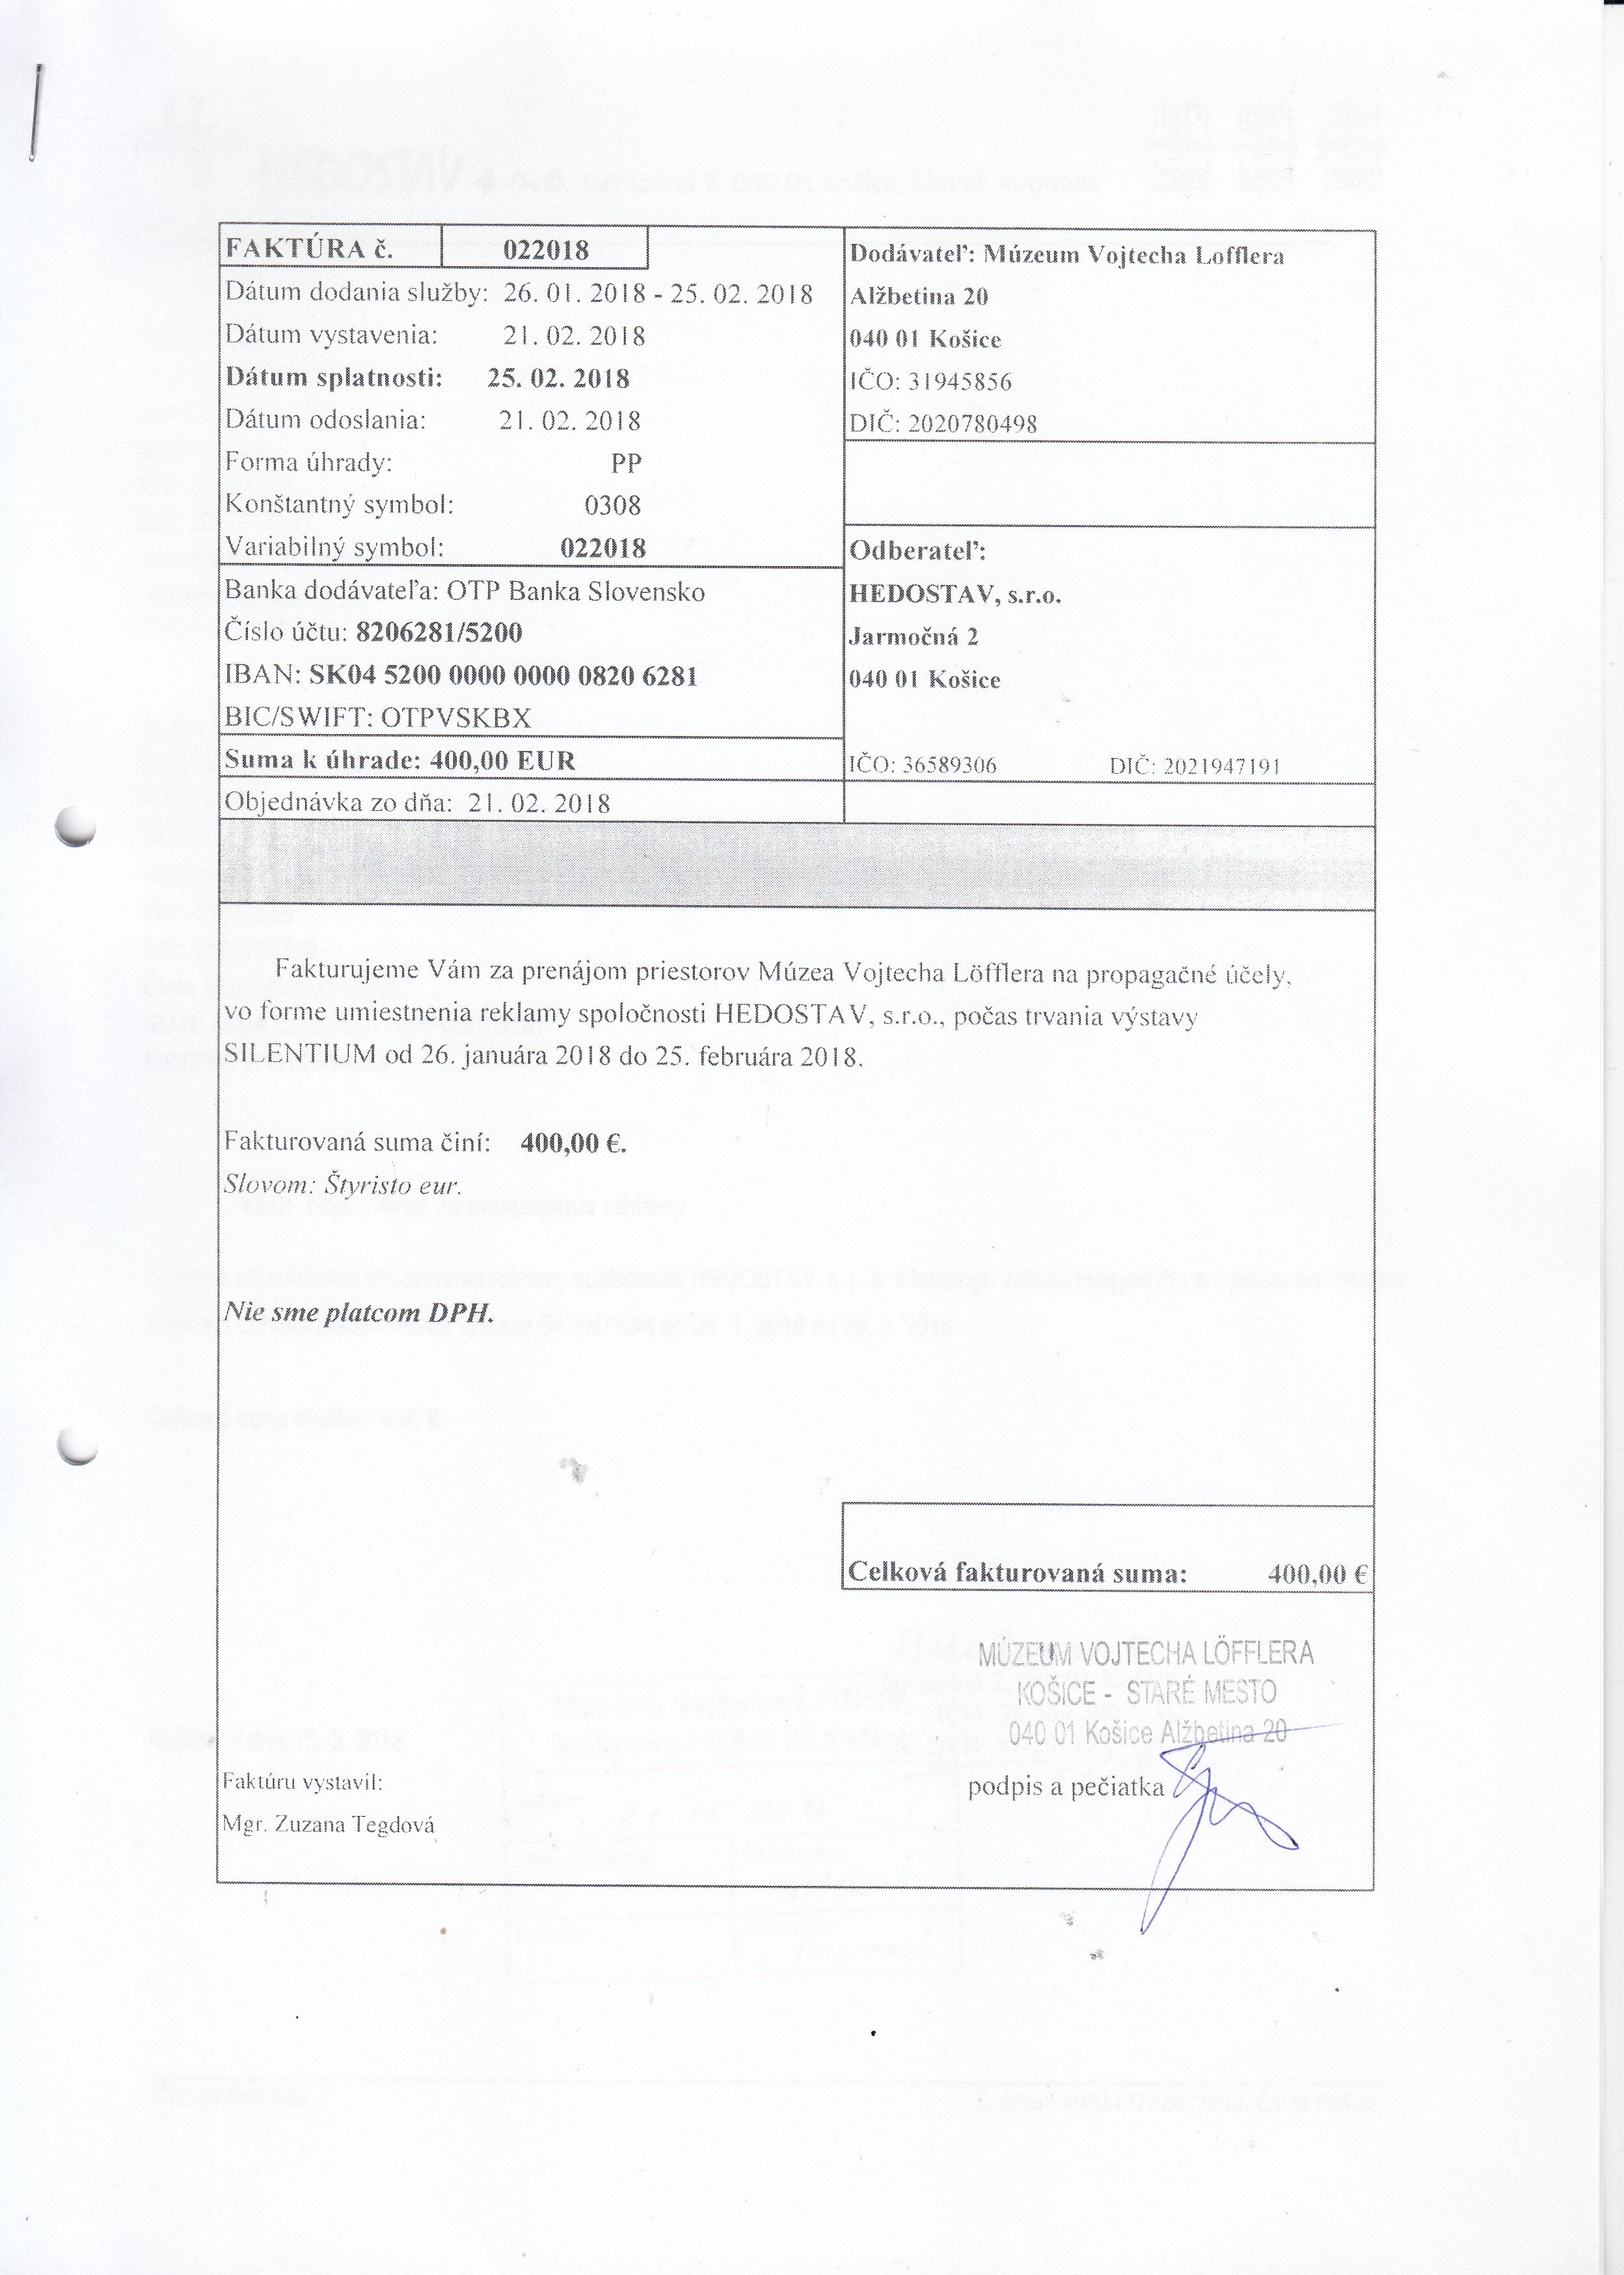 2835fec33034 Archív faktúr 2015 - 2018   Dokumenty   Zverejňované dokumenty ...